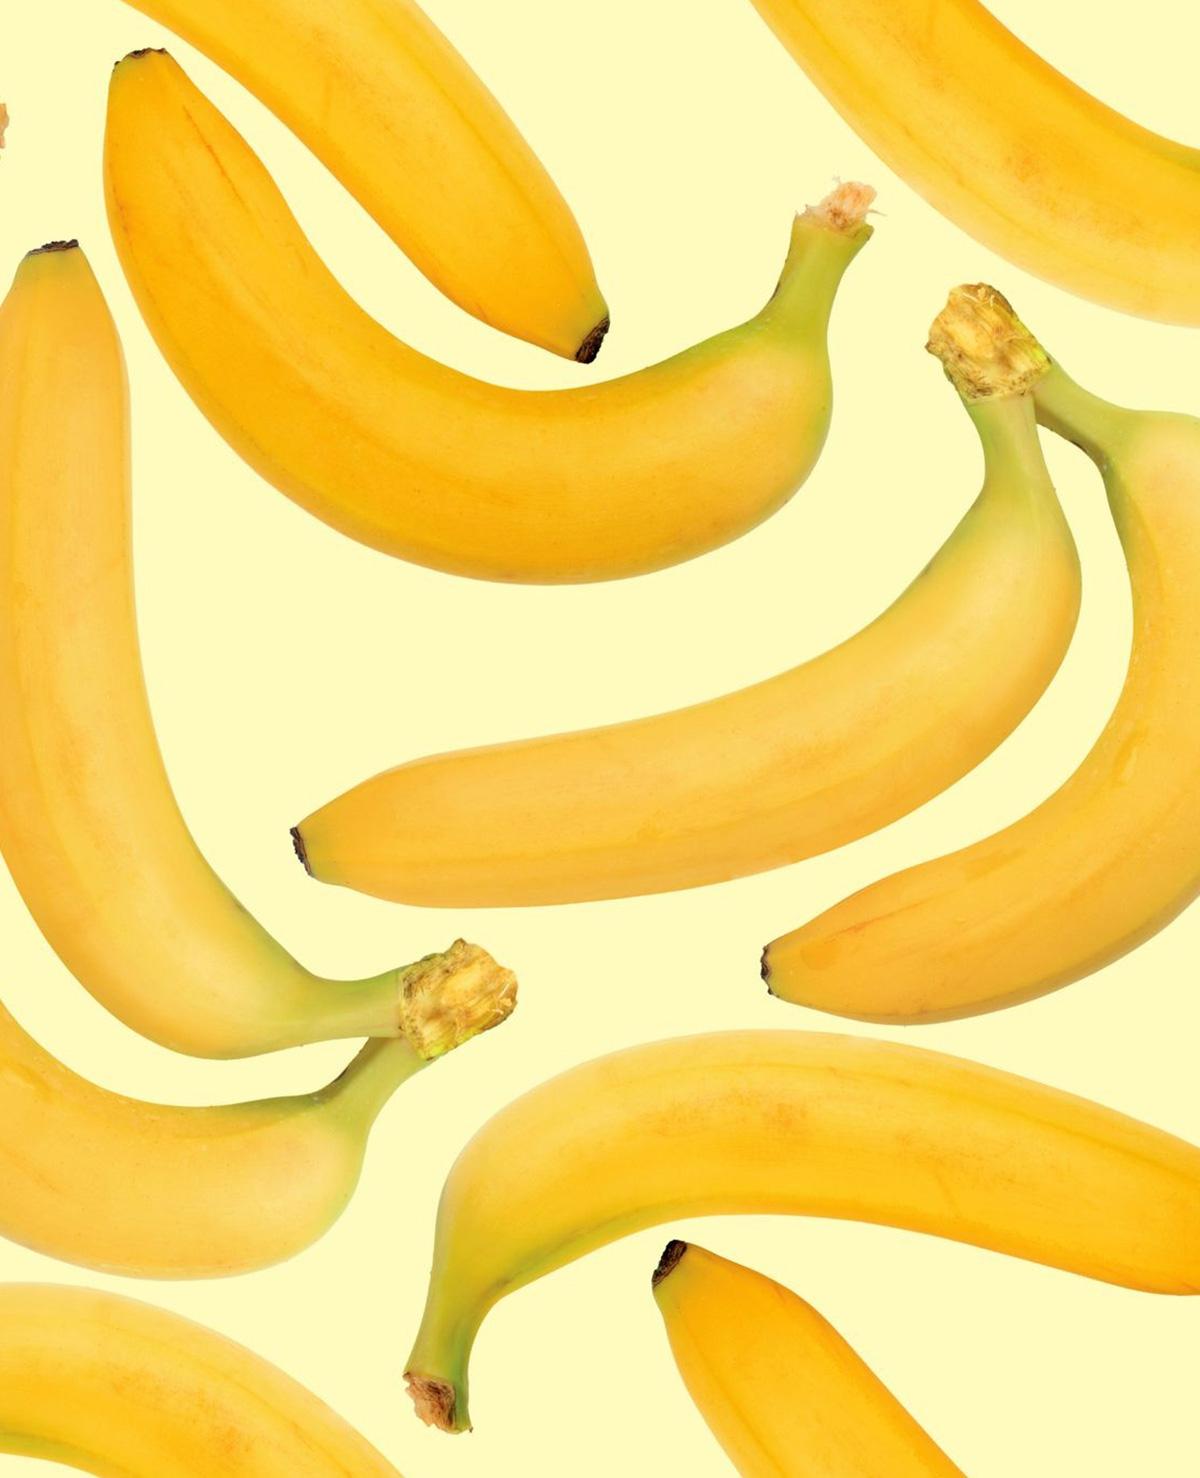 Zo blijven bananen mooi geel